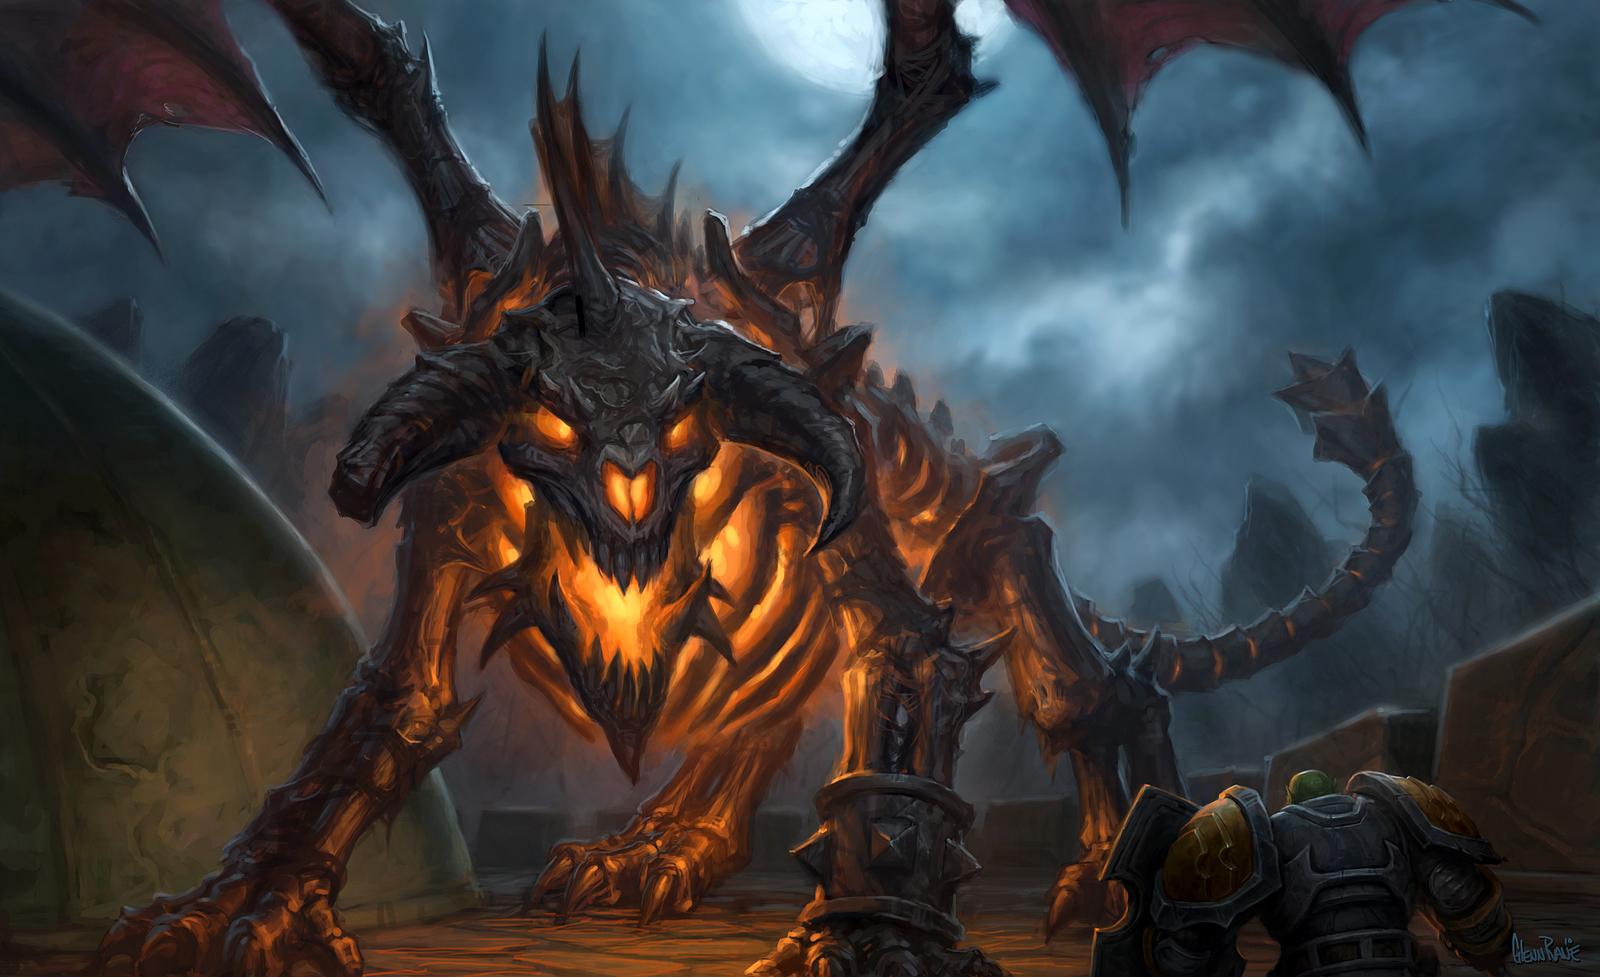 Of Warcraft The Burning Crusade Dragon World Wallpaper